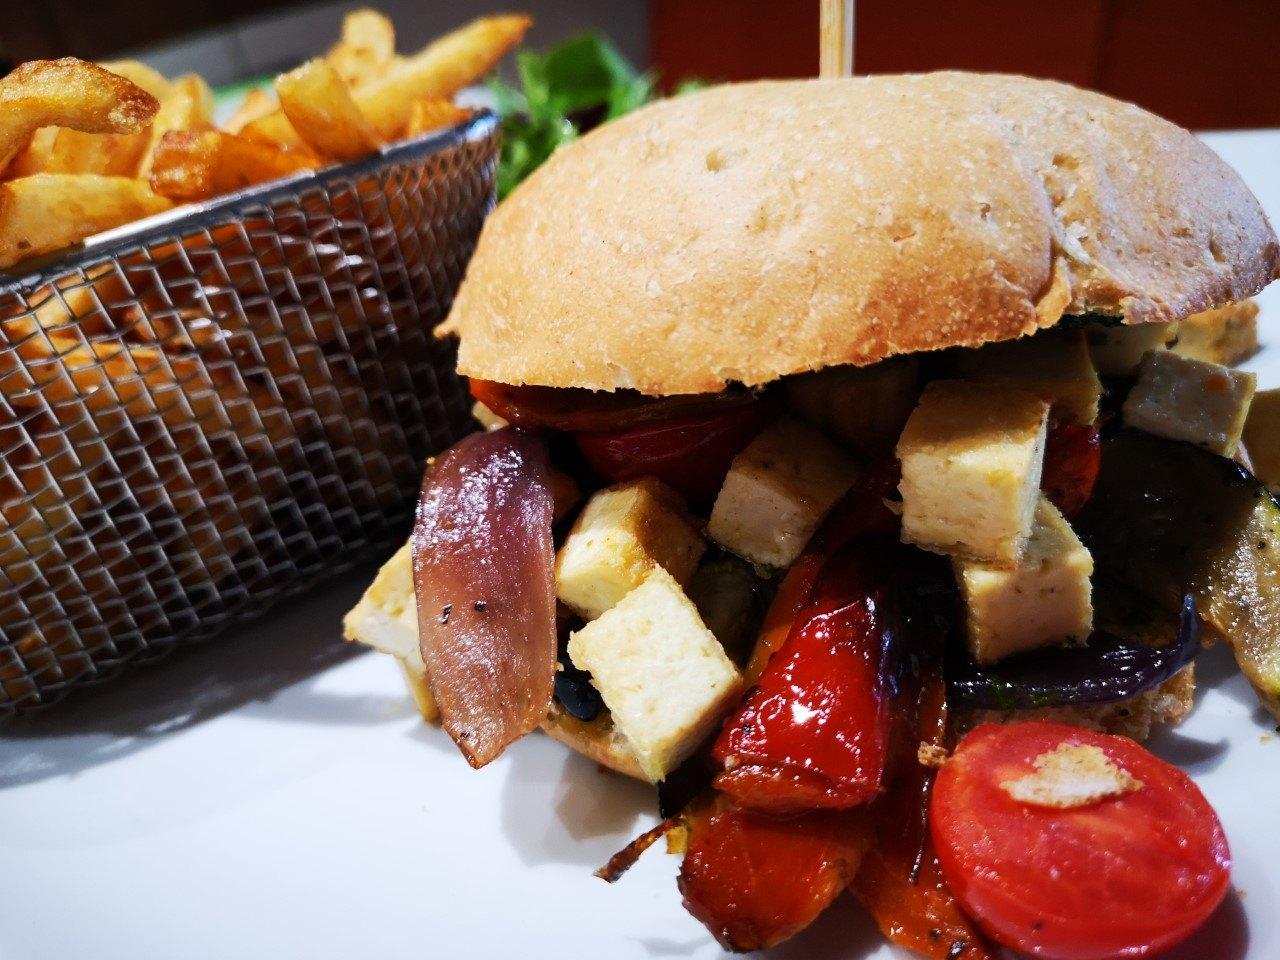 Burger Vegan fait de tofu, tomates et échalotes